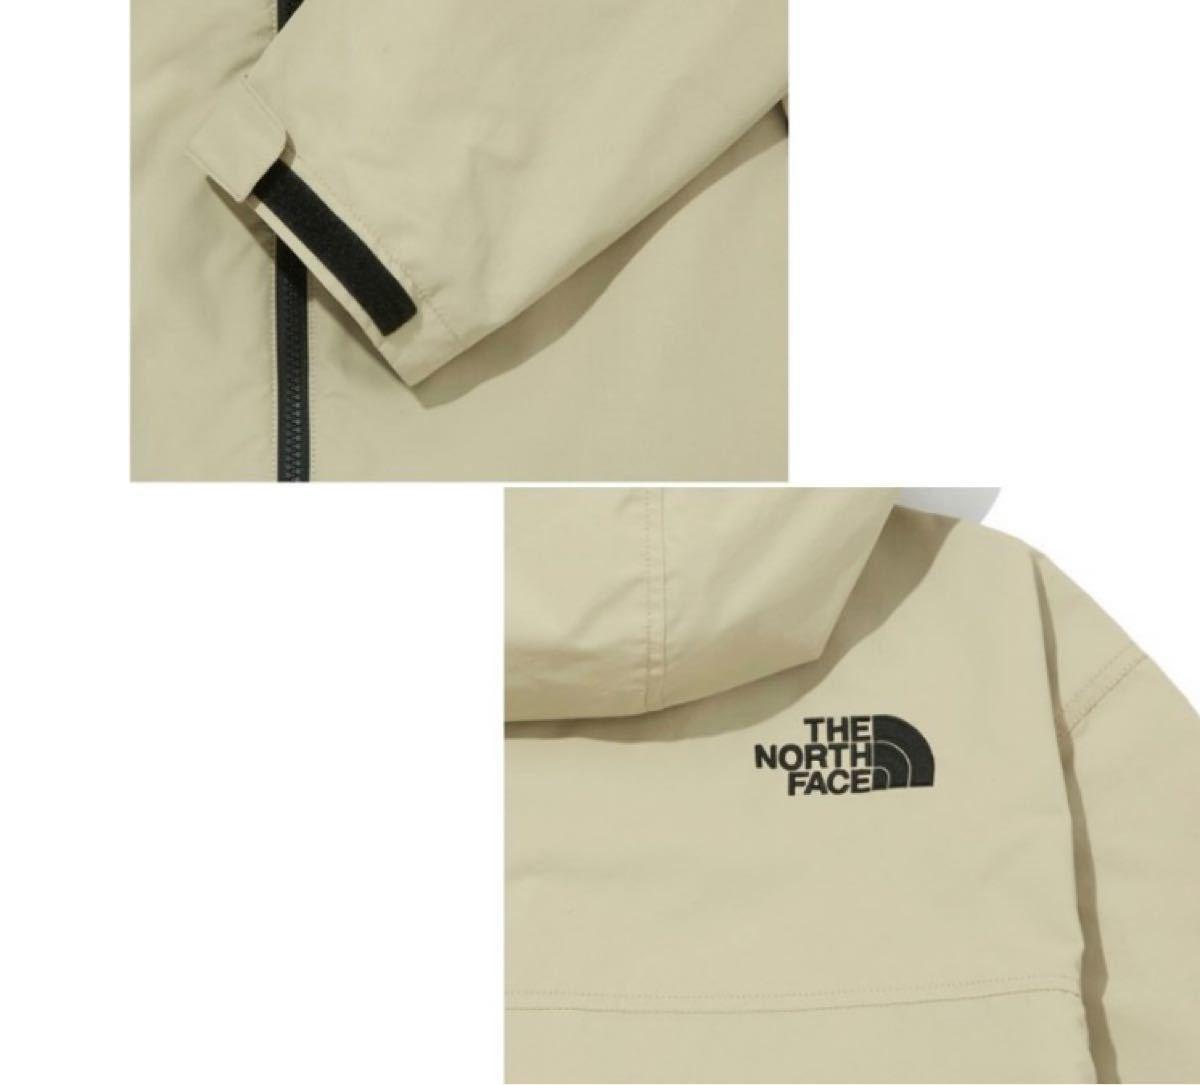 【新品特価】THE NORTH FACE マウンテンジャケット